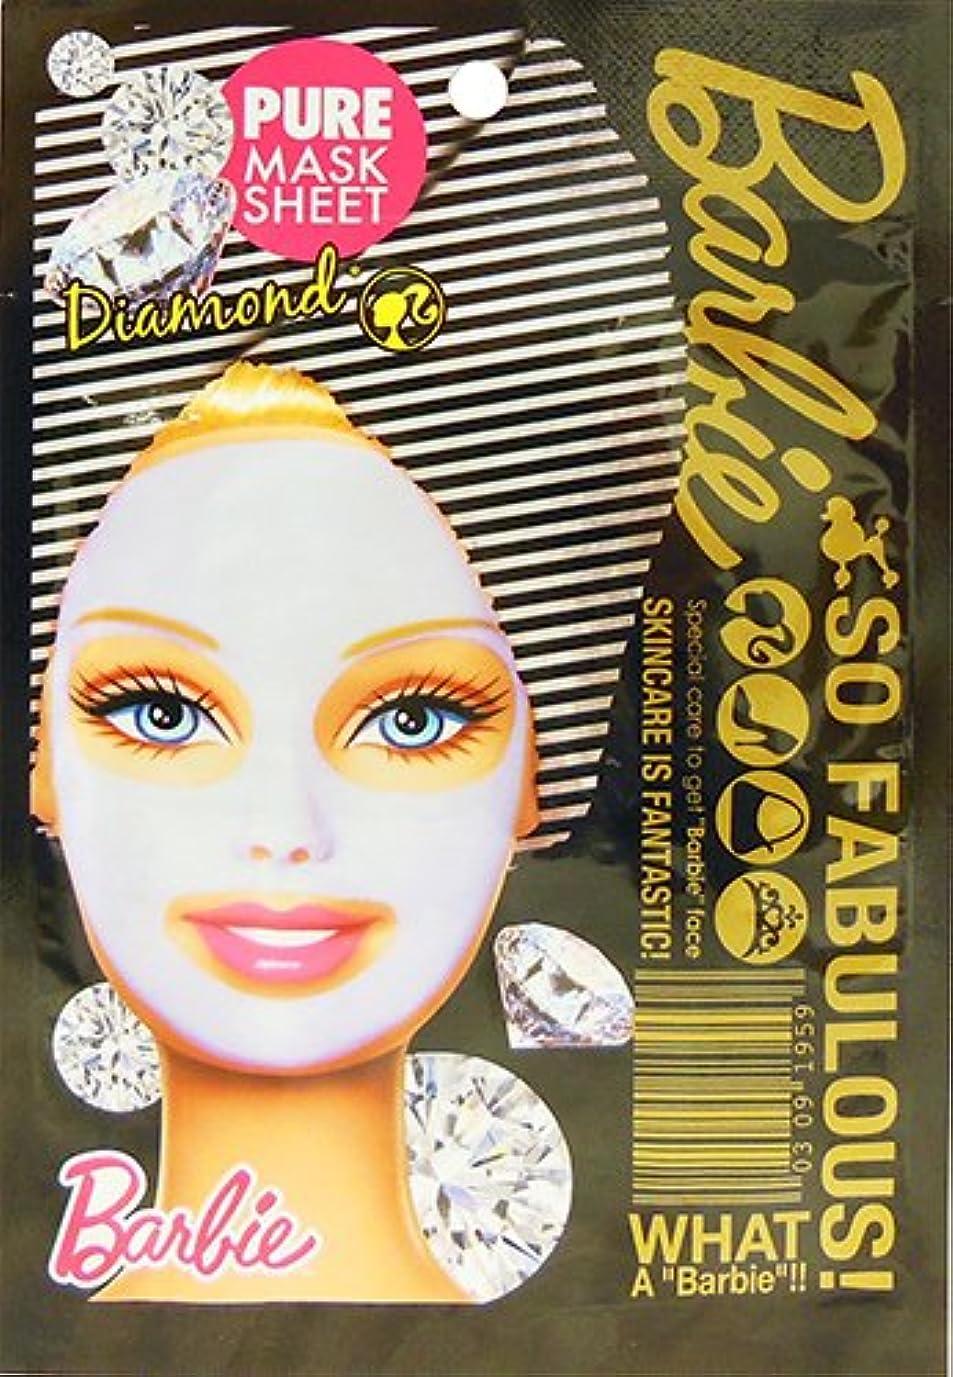 トリッキーパキスタン野なバービー ピュアマスクシートEX DM(ダイヤモンド)《25ml》